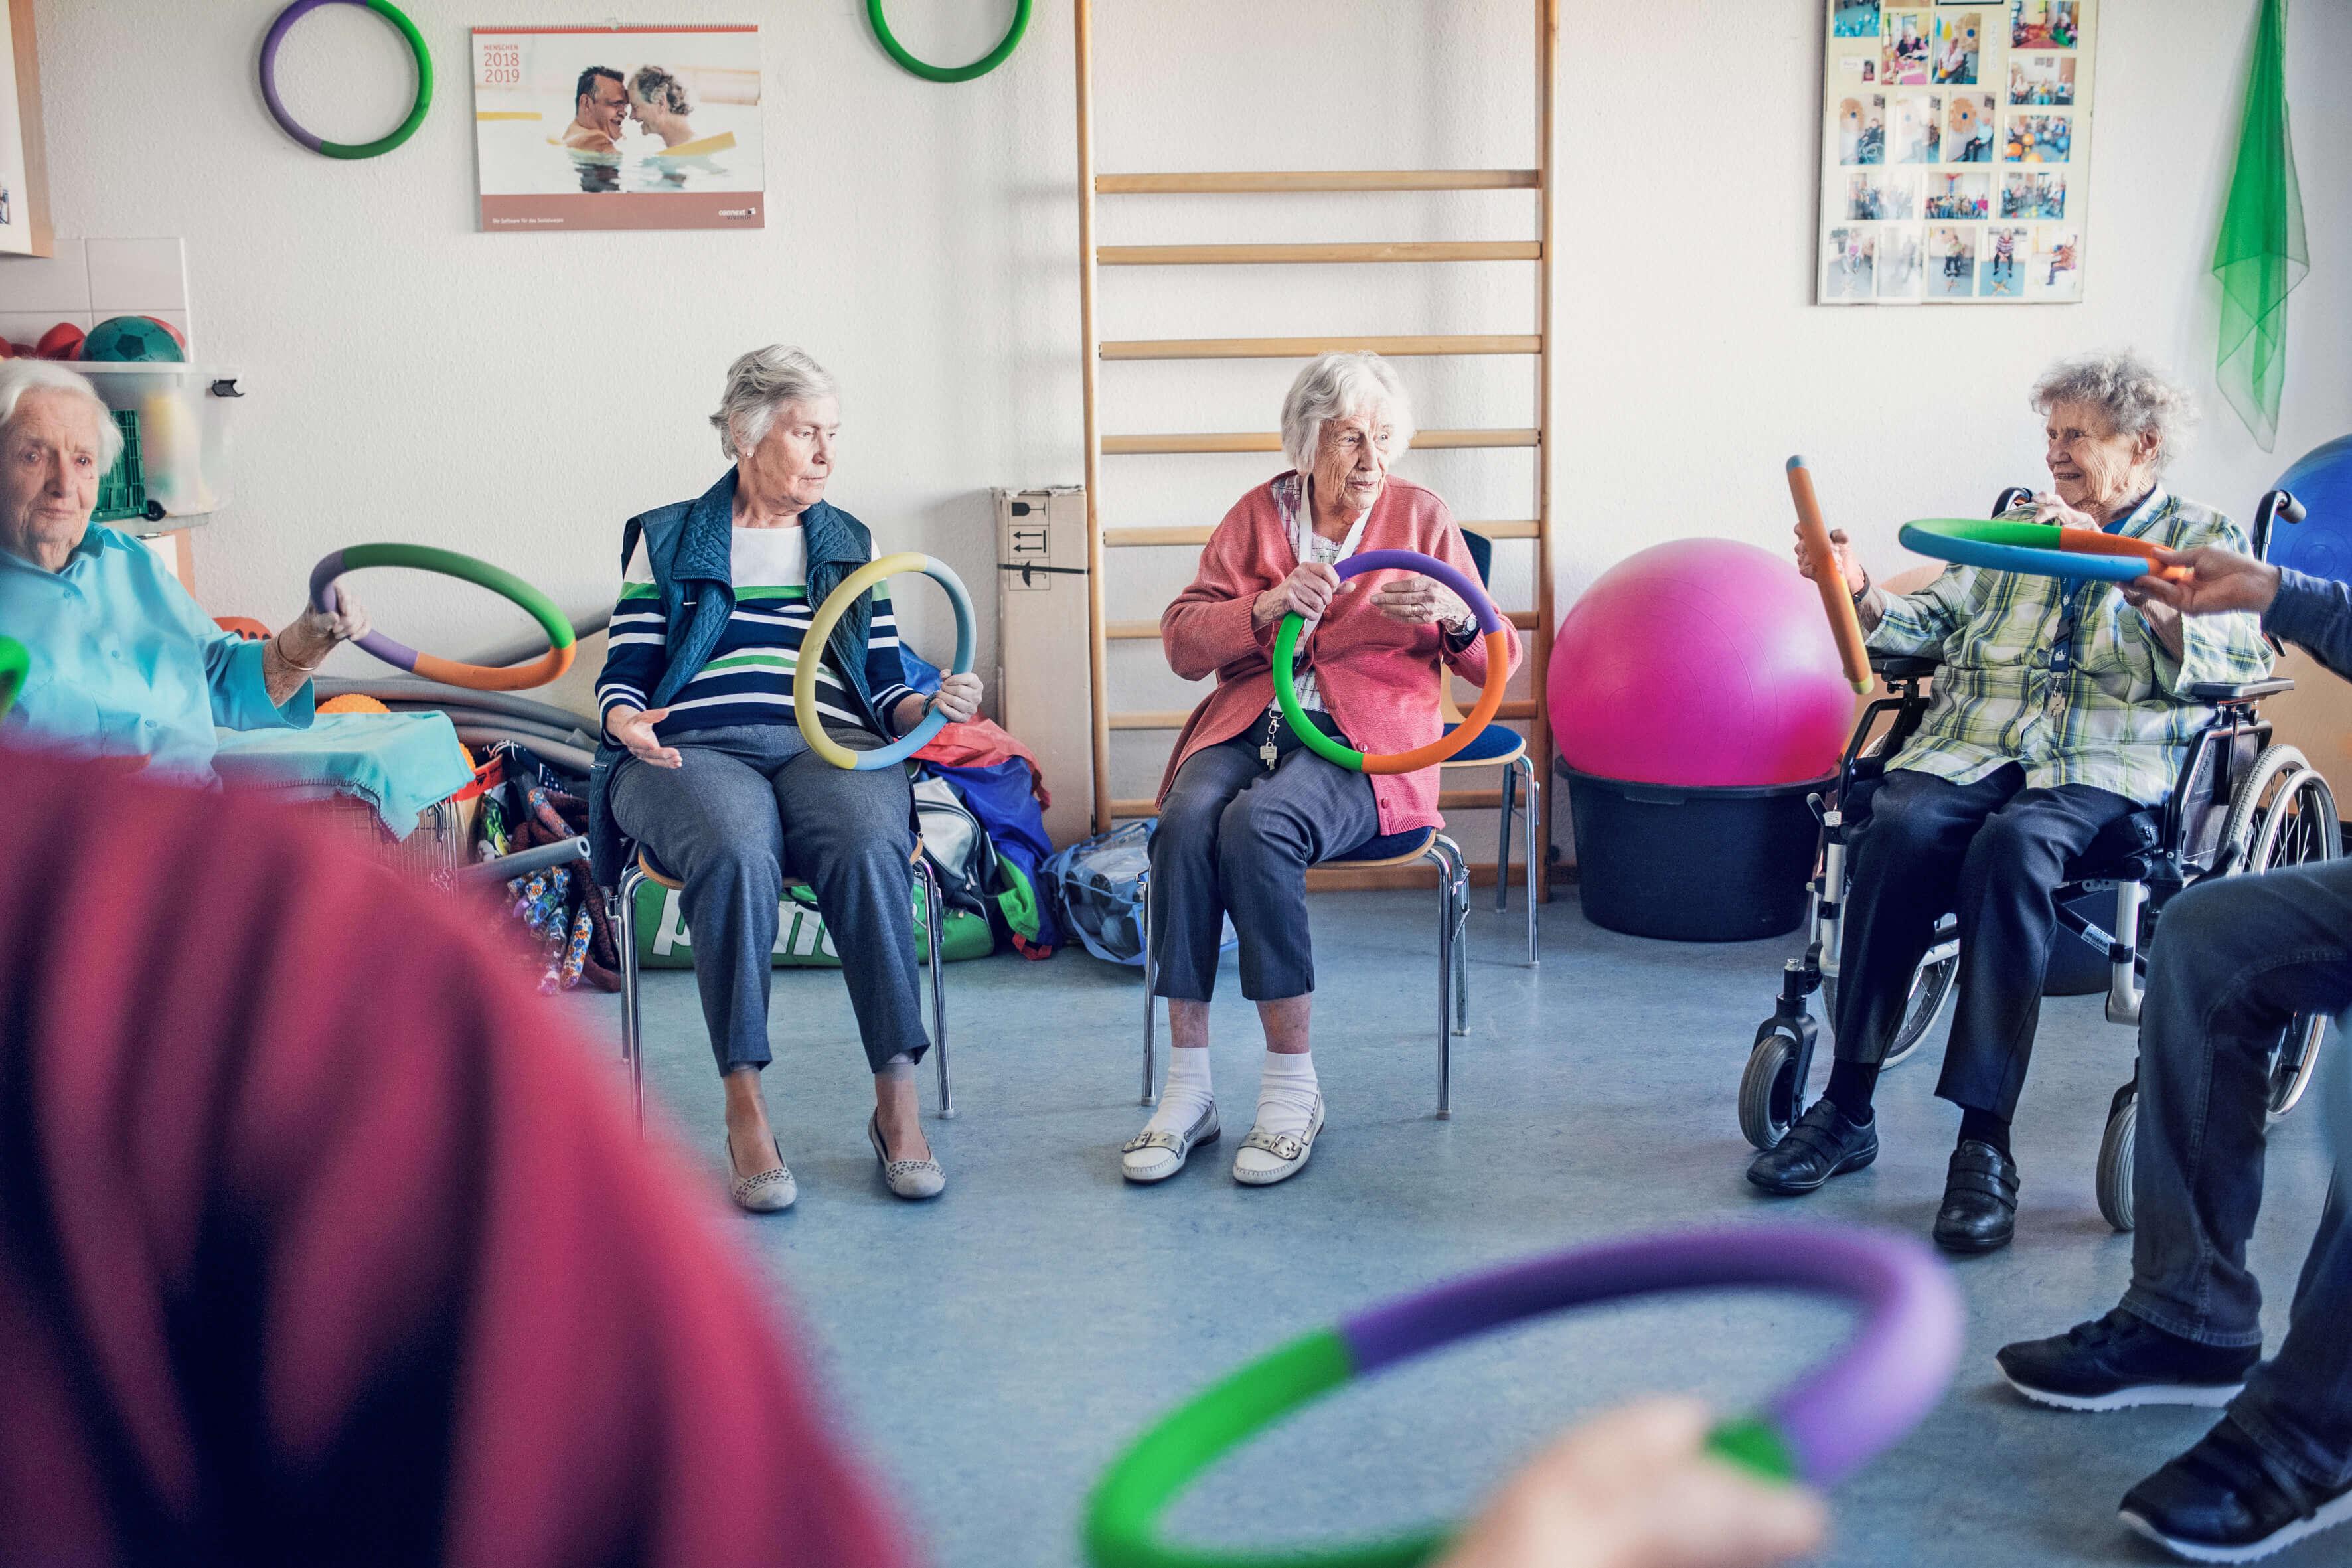 Die Pflegedienste der Johanniter befassen sich sowohl mit der körperlichen Gesundheit der Senioren und Seniorinnen als auch mit dem seelischen Wohlbefinden.